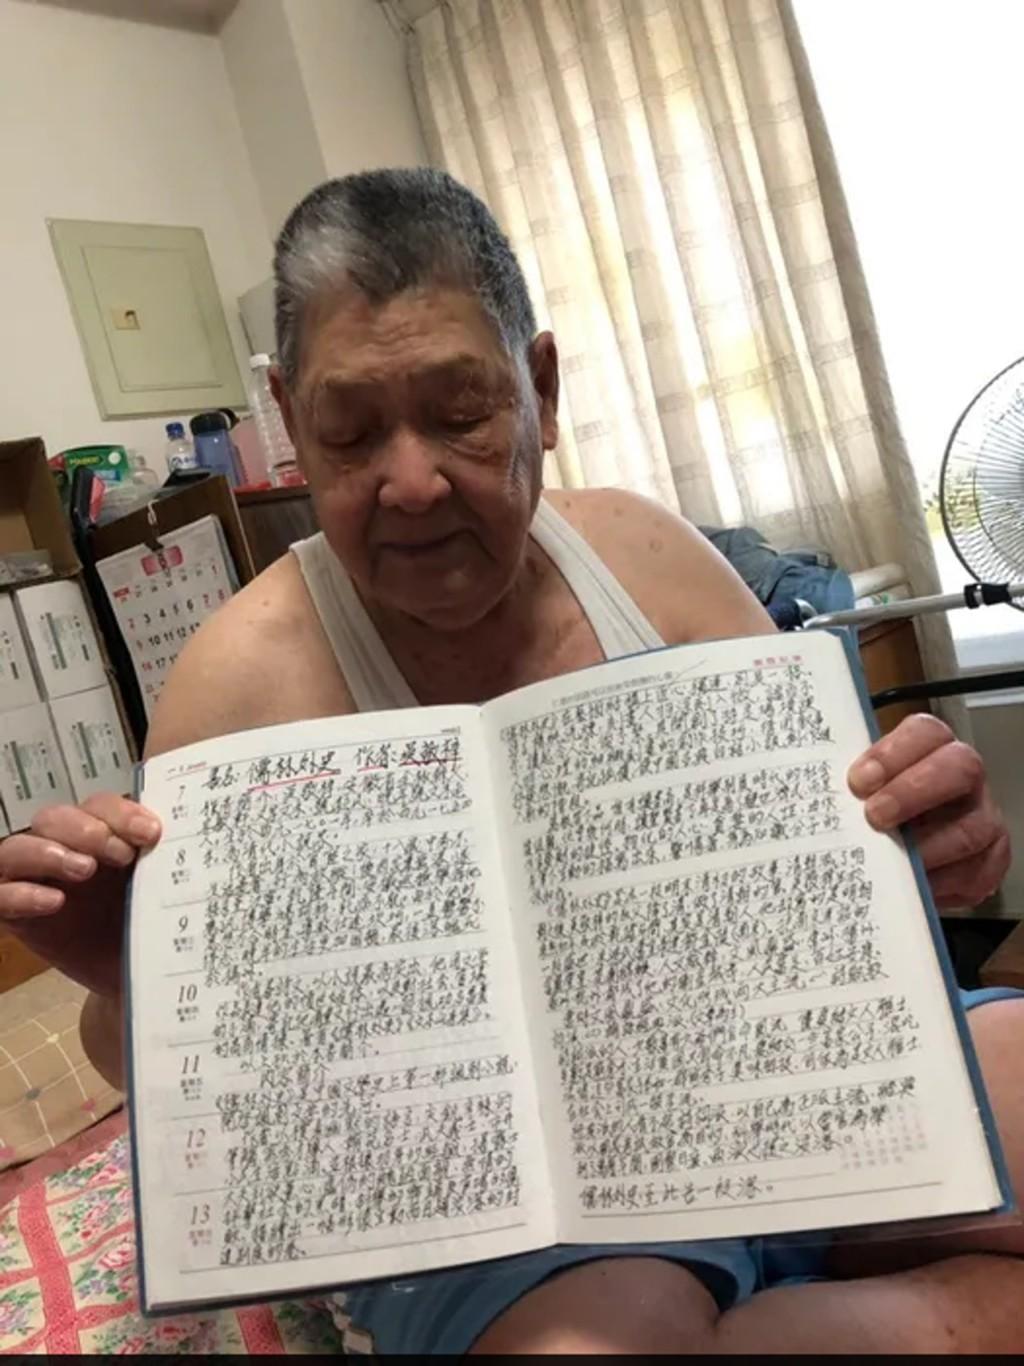 80歲爺爺筆記曝光!超豐富内容被讚「根本參考書」 網看到「單身註解」笑翻:是過來人